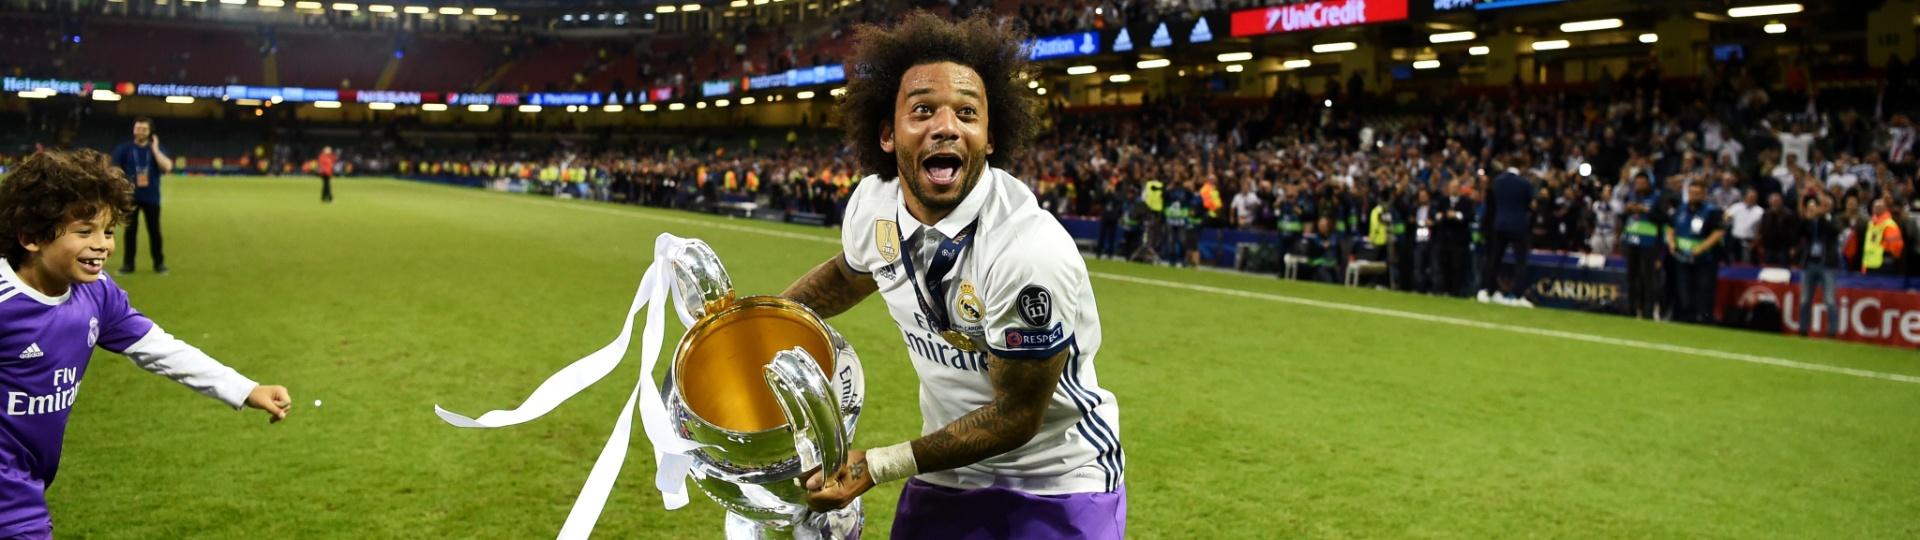 Marcelo finge jogar a taça da Liga dos Campeões para a torcida do Real